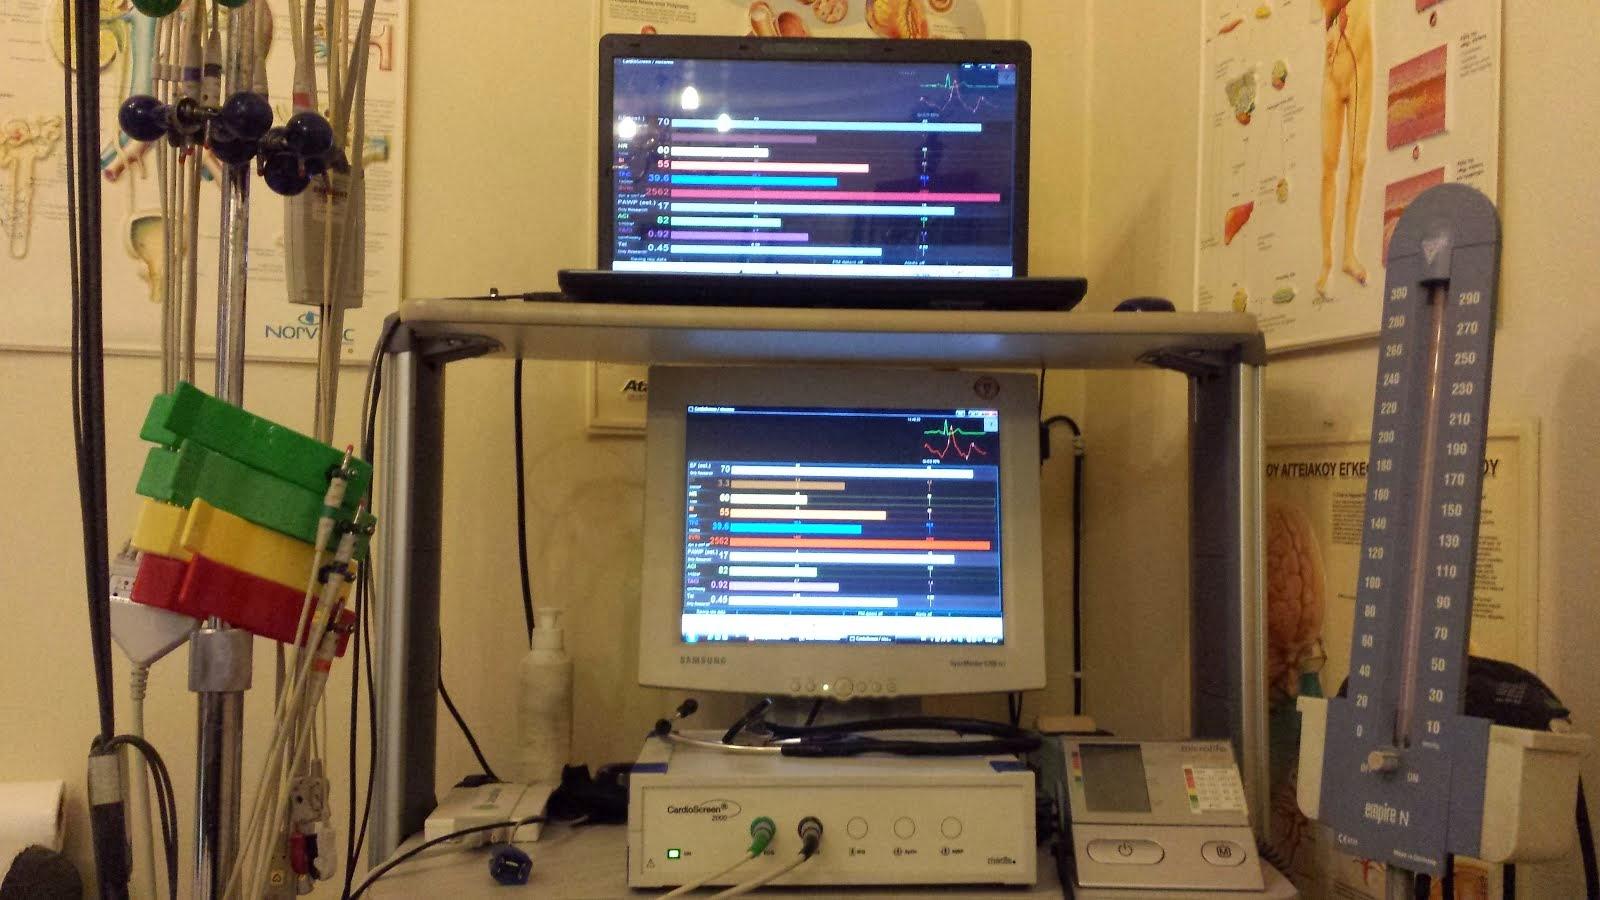 Συστημα Αναιμακτης Αιμοδυναμικης Μελετης -  Impedance Cardiography (ICG)